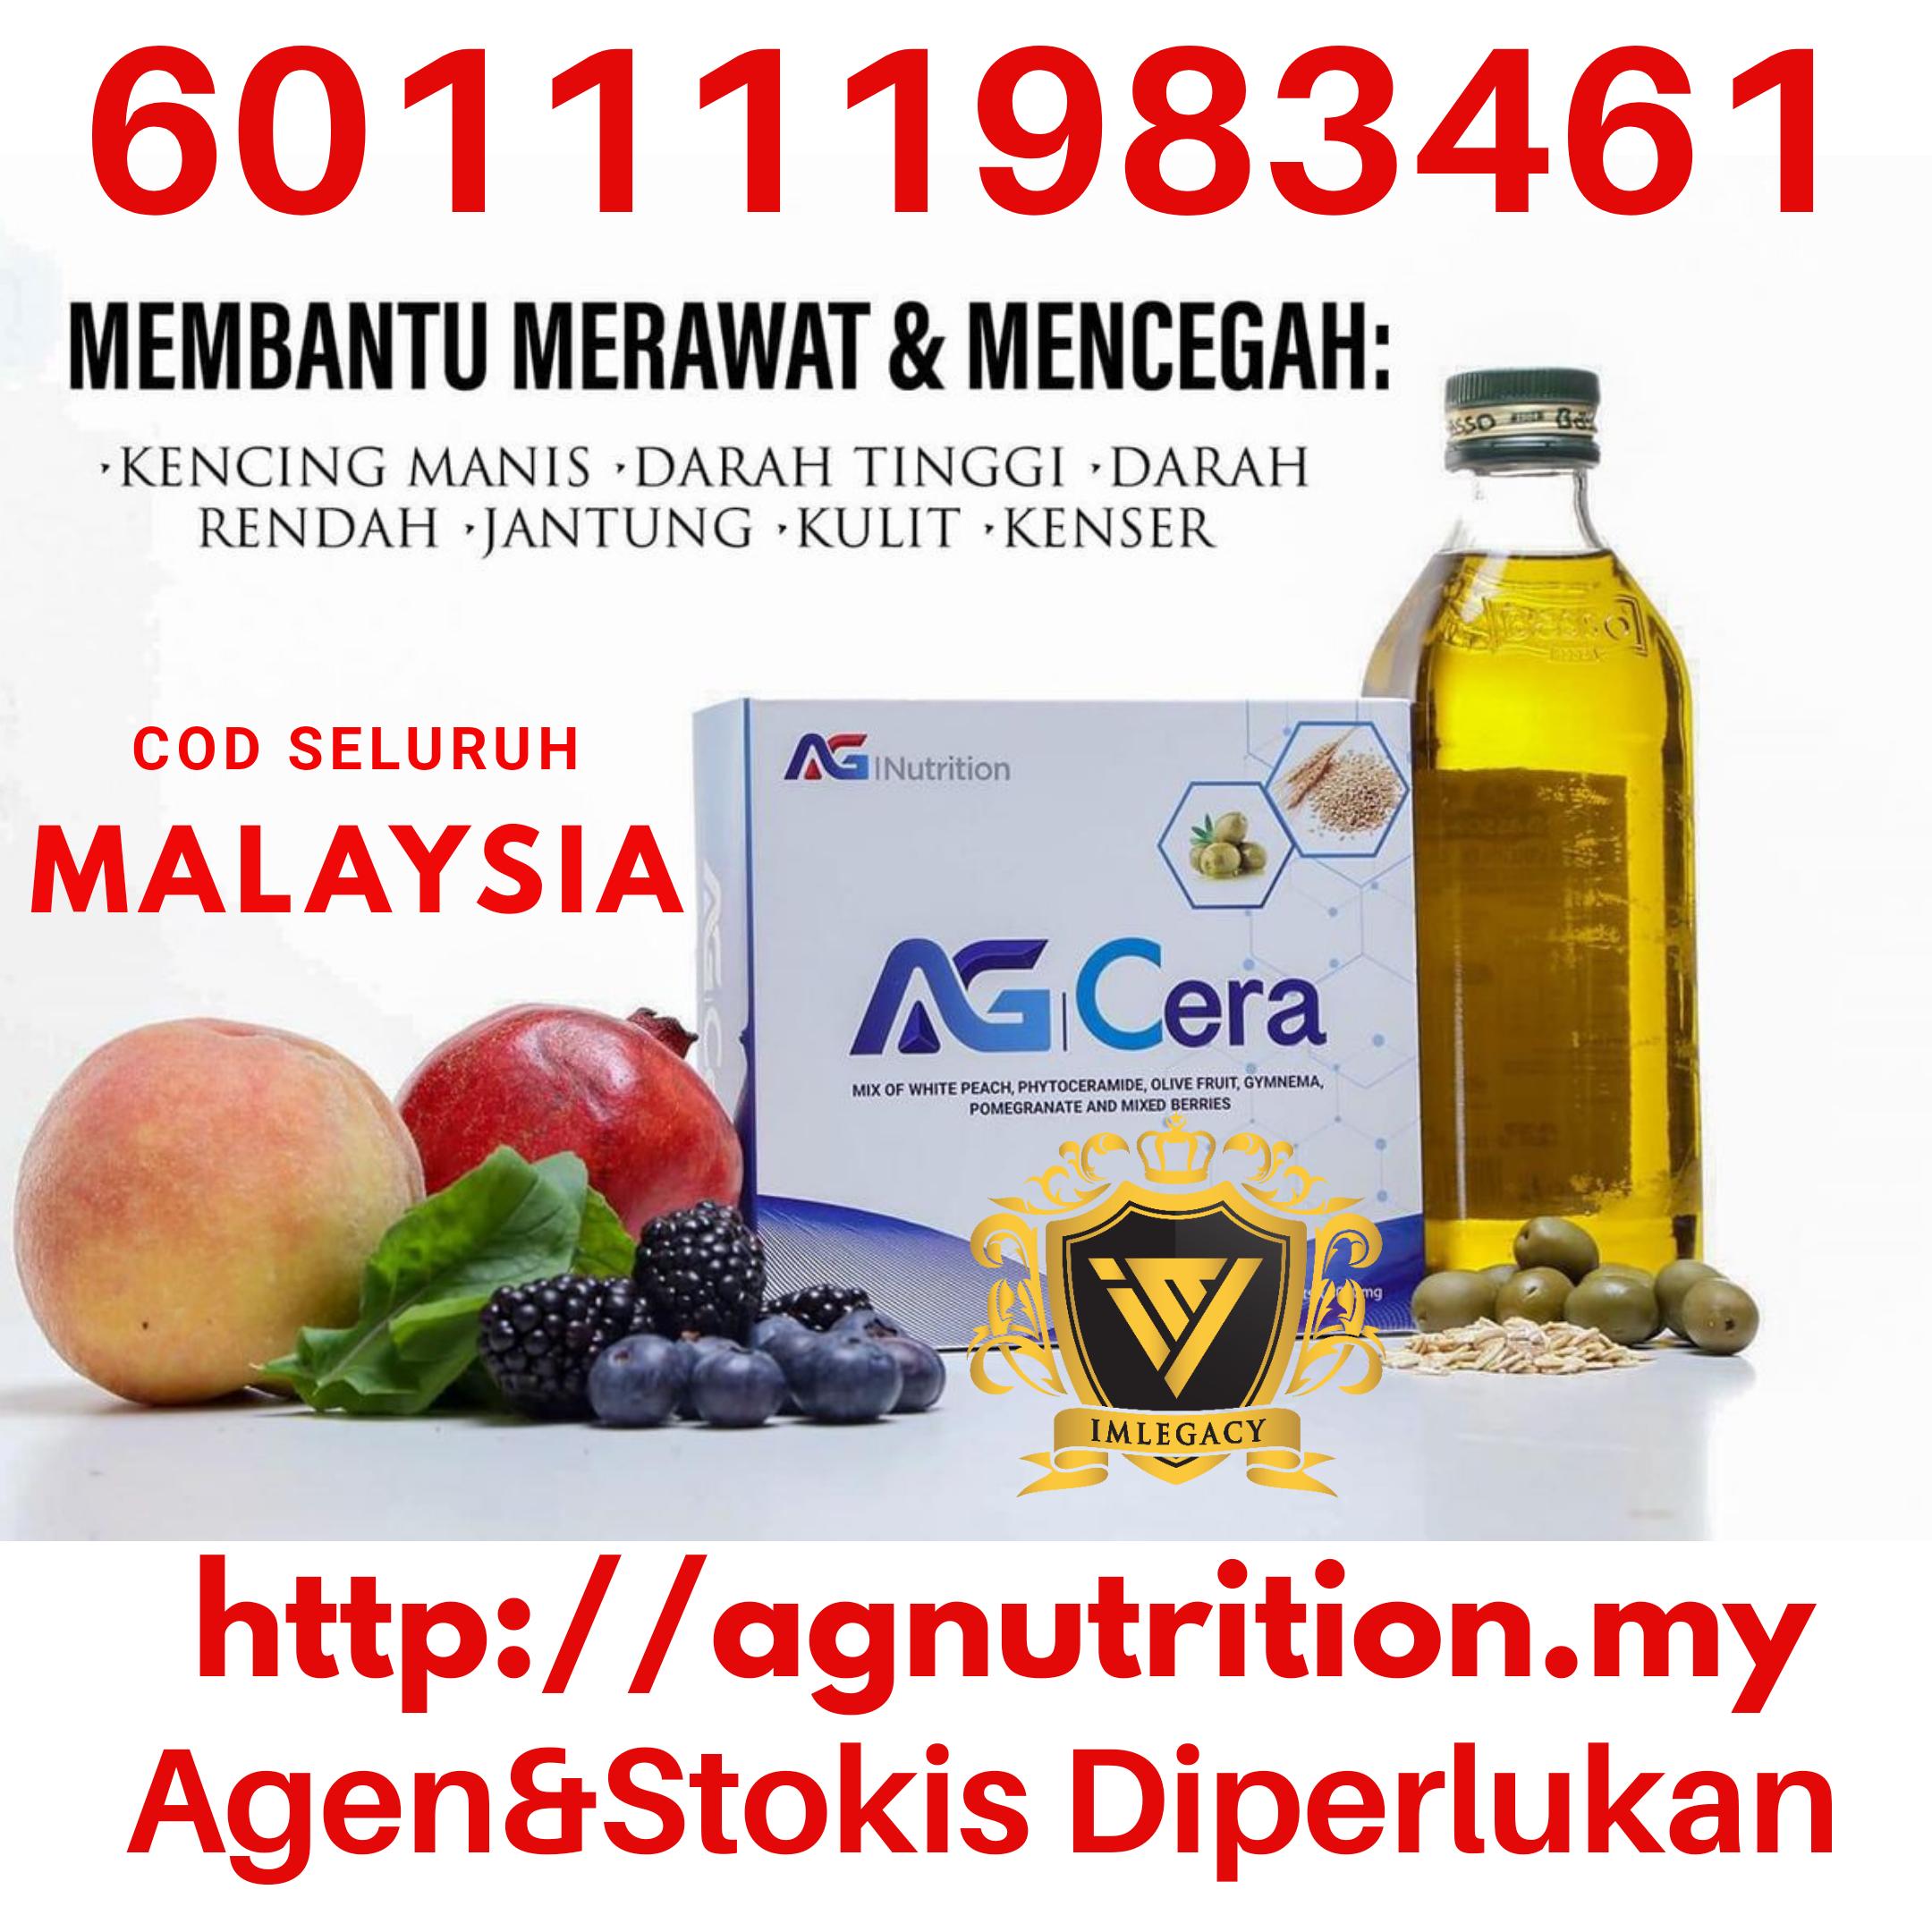 KHASIAT AG CERA BRUNEI TRUSTED SELLER 601111983461